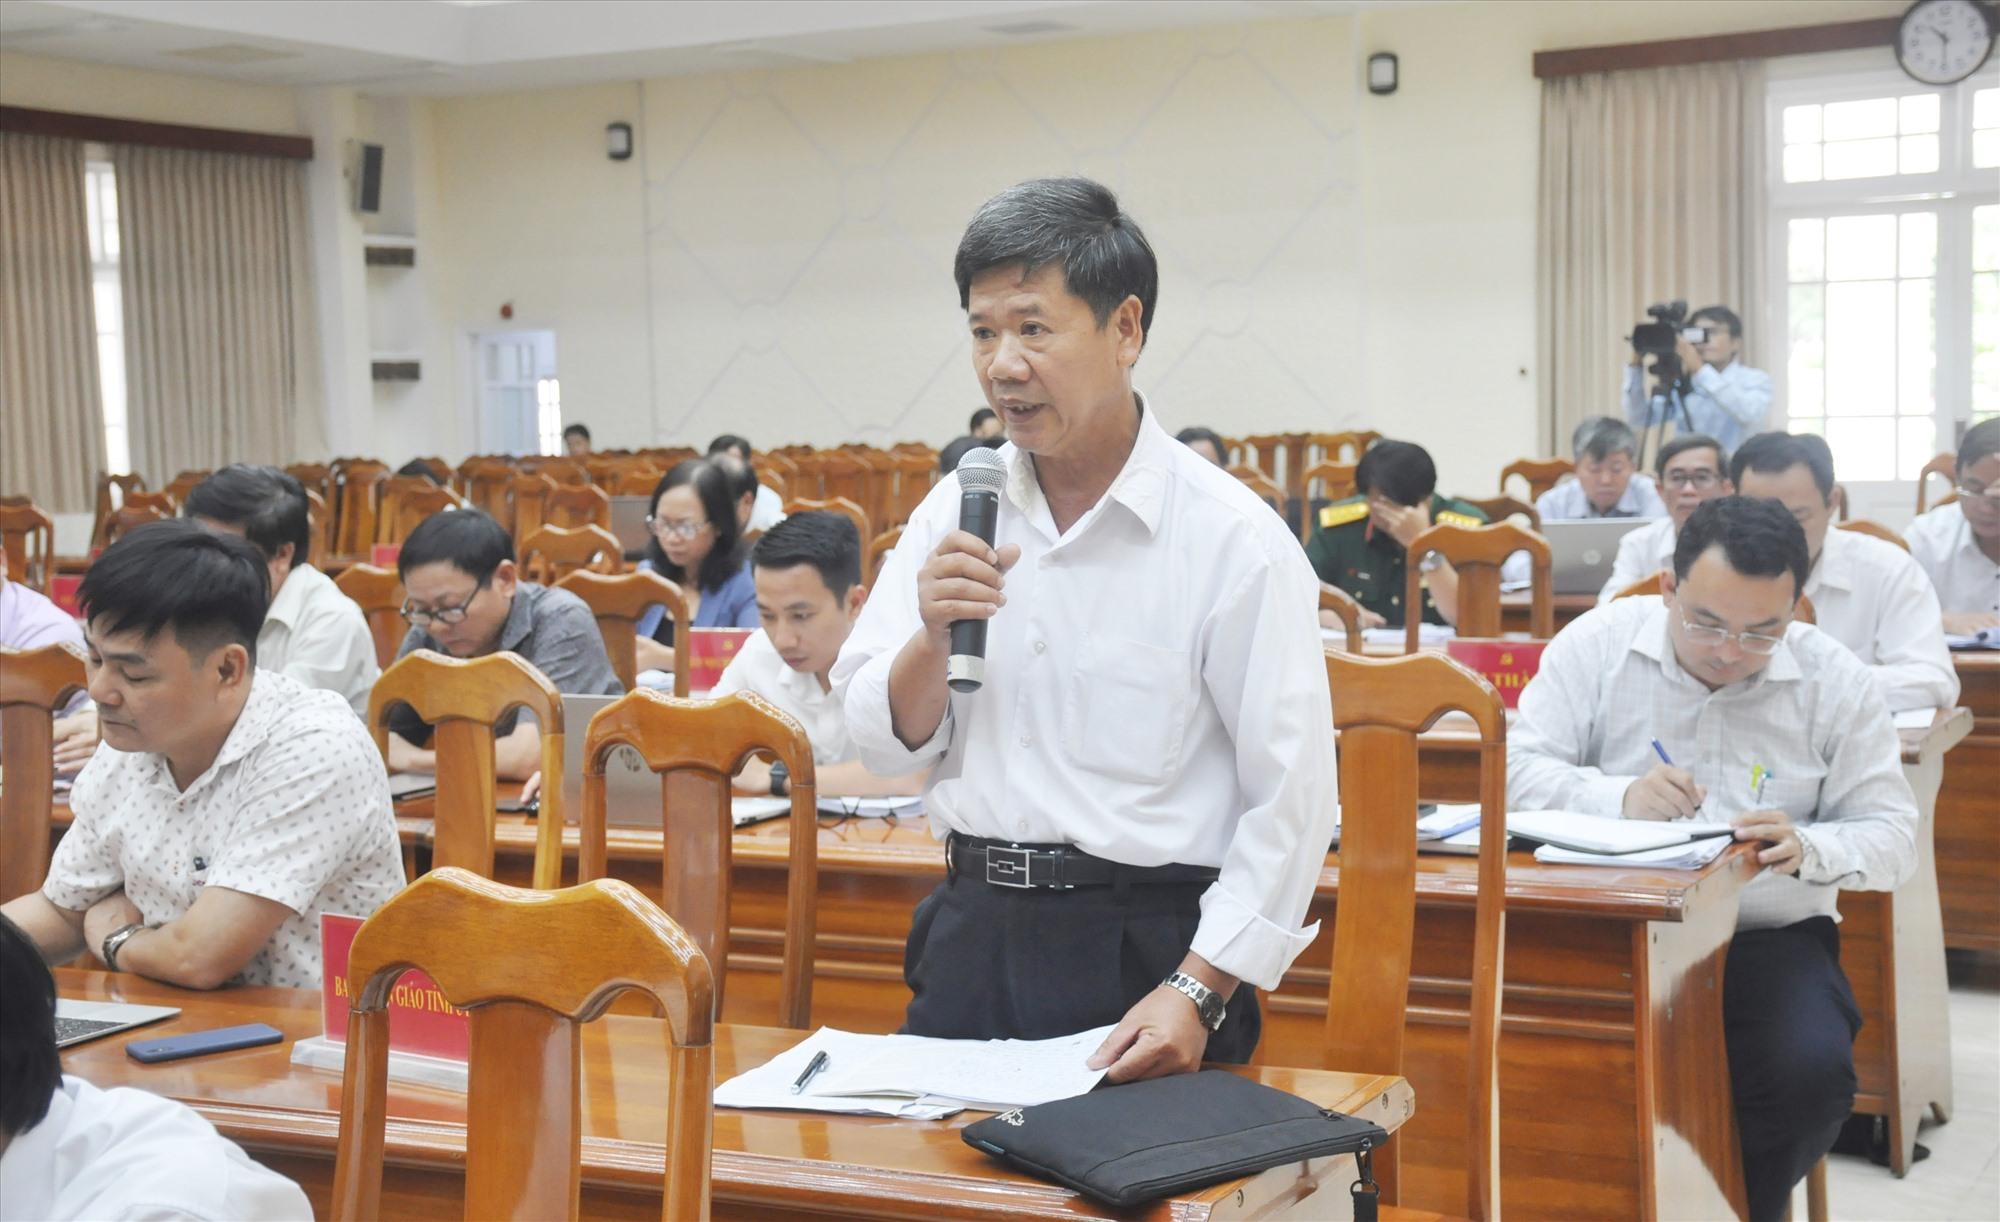 Đại biểu Nguyễn Kim Sơn - Phó Bí thư Thường trực Huyện ủy Bắc Trà My thảo luận, góp ý về công tác phát triển đảng viên giai đoạn mới. Ảnh: N.Đ